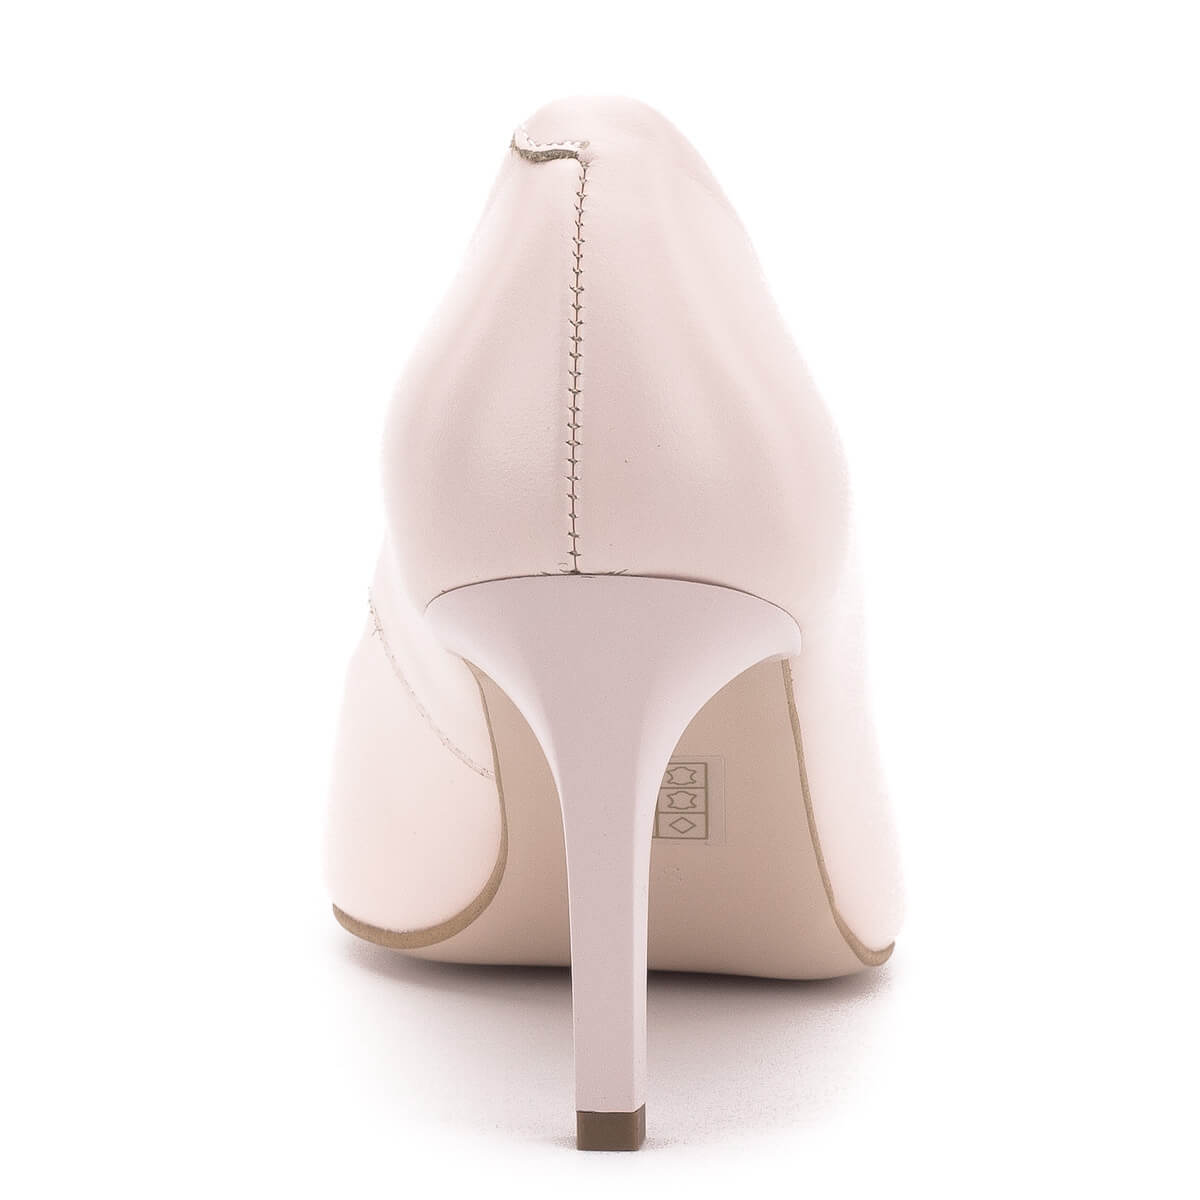 Carla Ricci cipő - Rózsaszín magassarkú női alkalmi cipő masni dísszel 0ab6739cb7